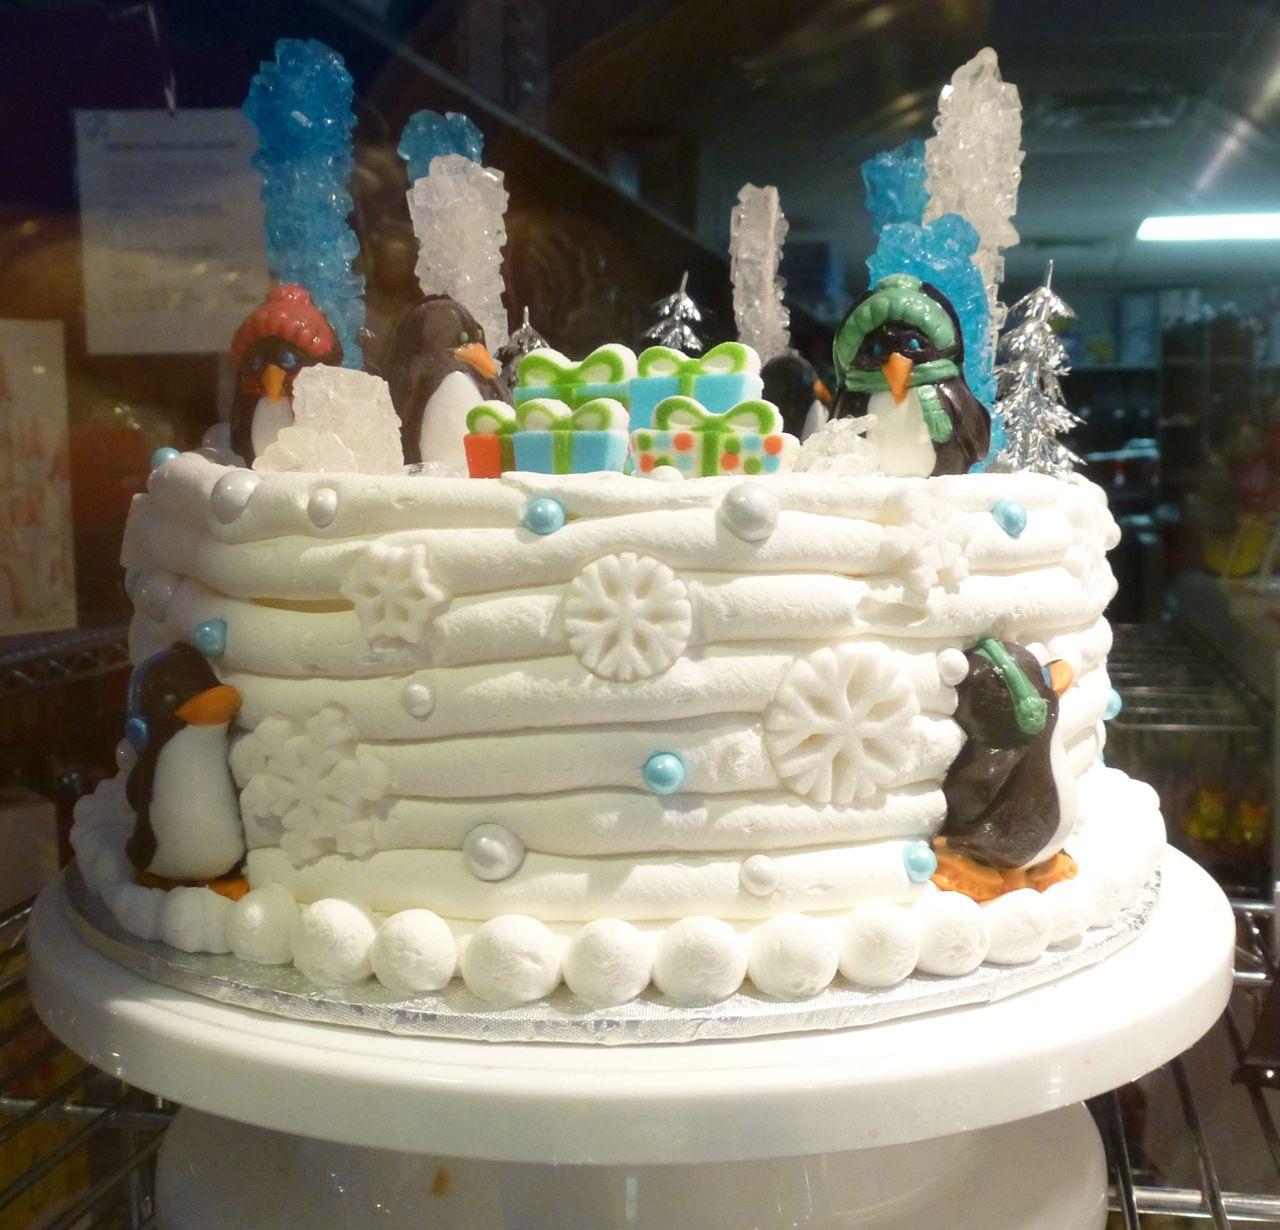 Cake Decorating Supply Shop Houston Tx